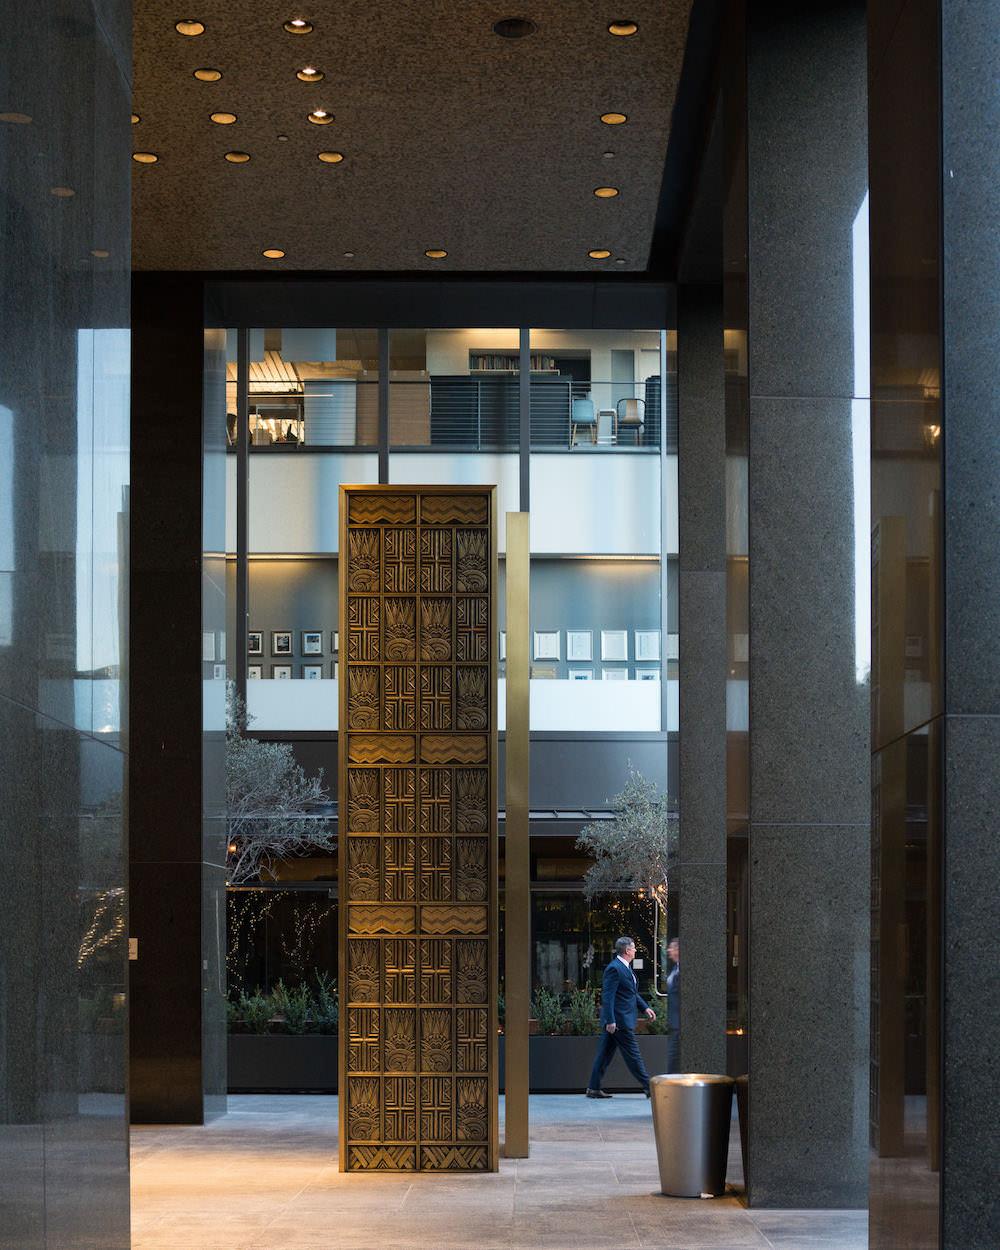 Richfield Oil Building Doors